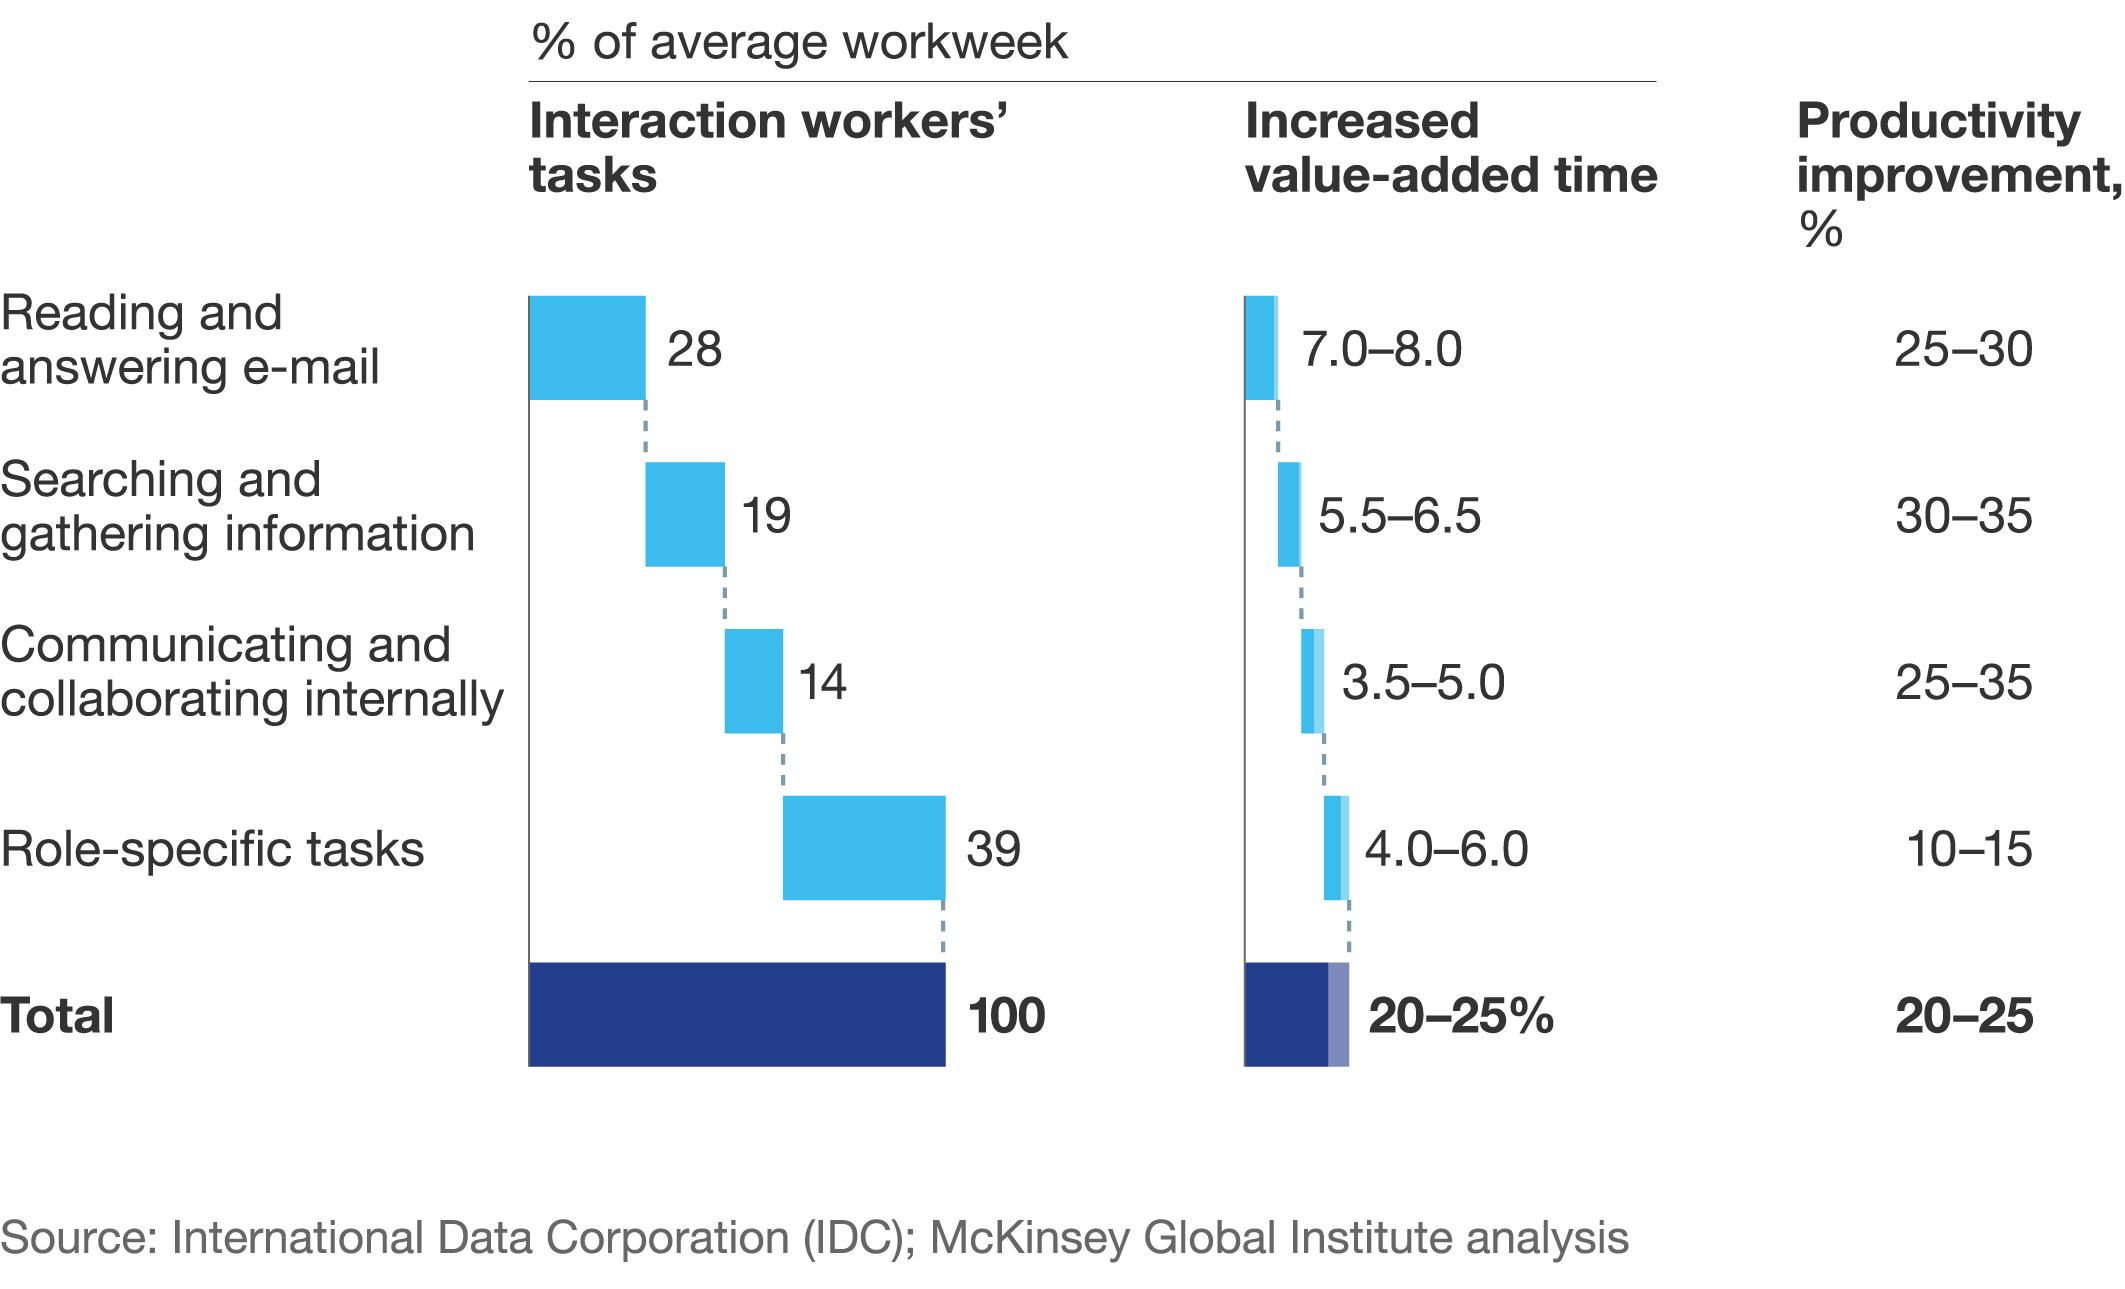 Verbesserte Kommunikation & Zusammenarbeit durch soziale Technologien könnte die Produktivität der Interaktionsmitarbeiter um 20 bis 25 Prozent steigern.